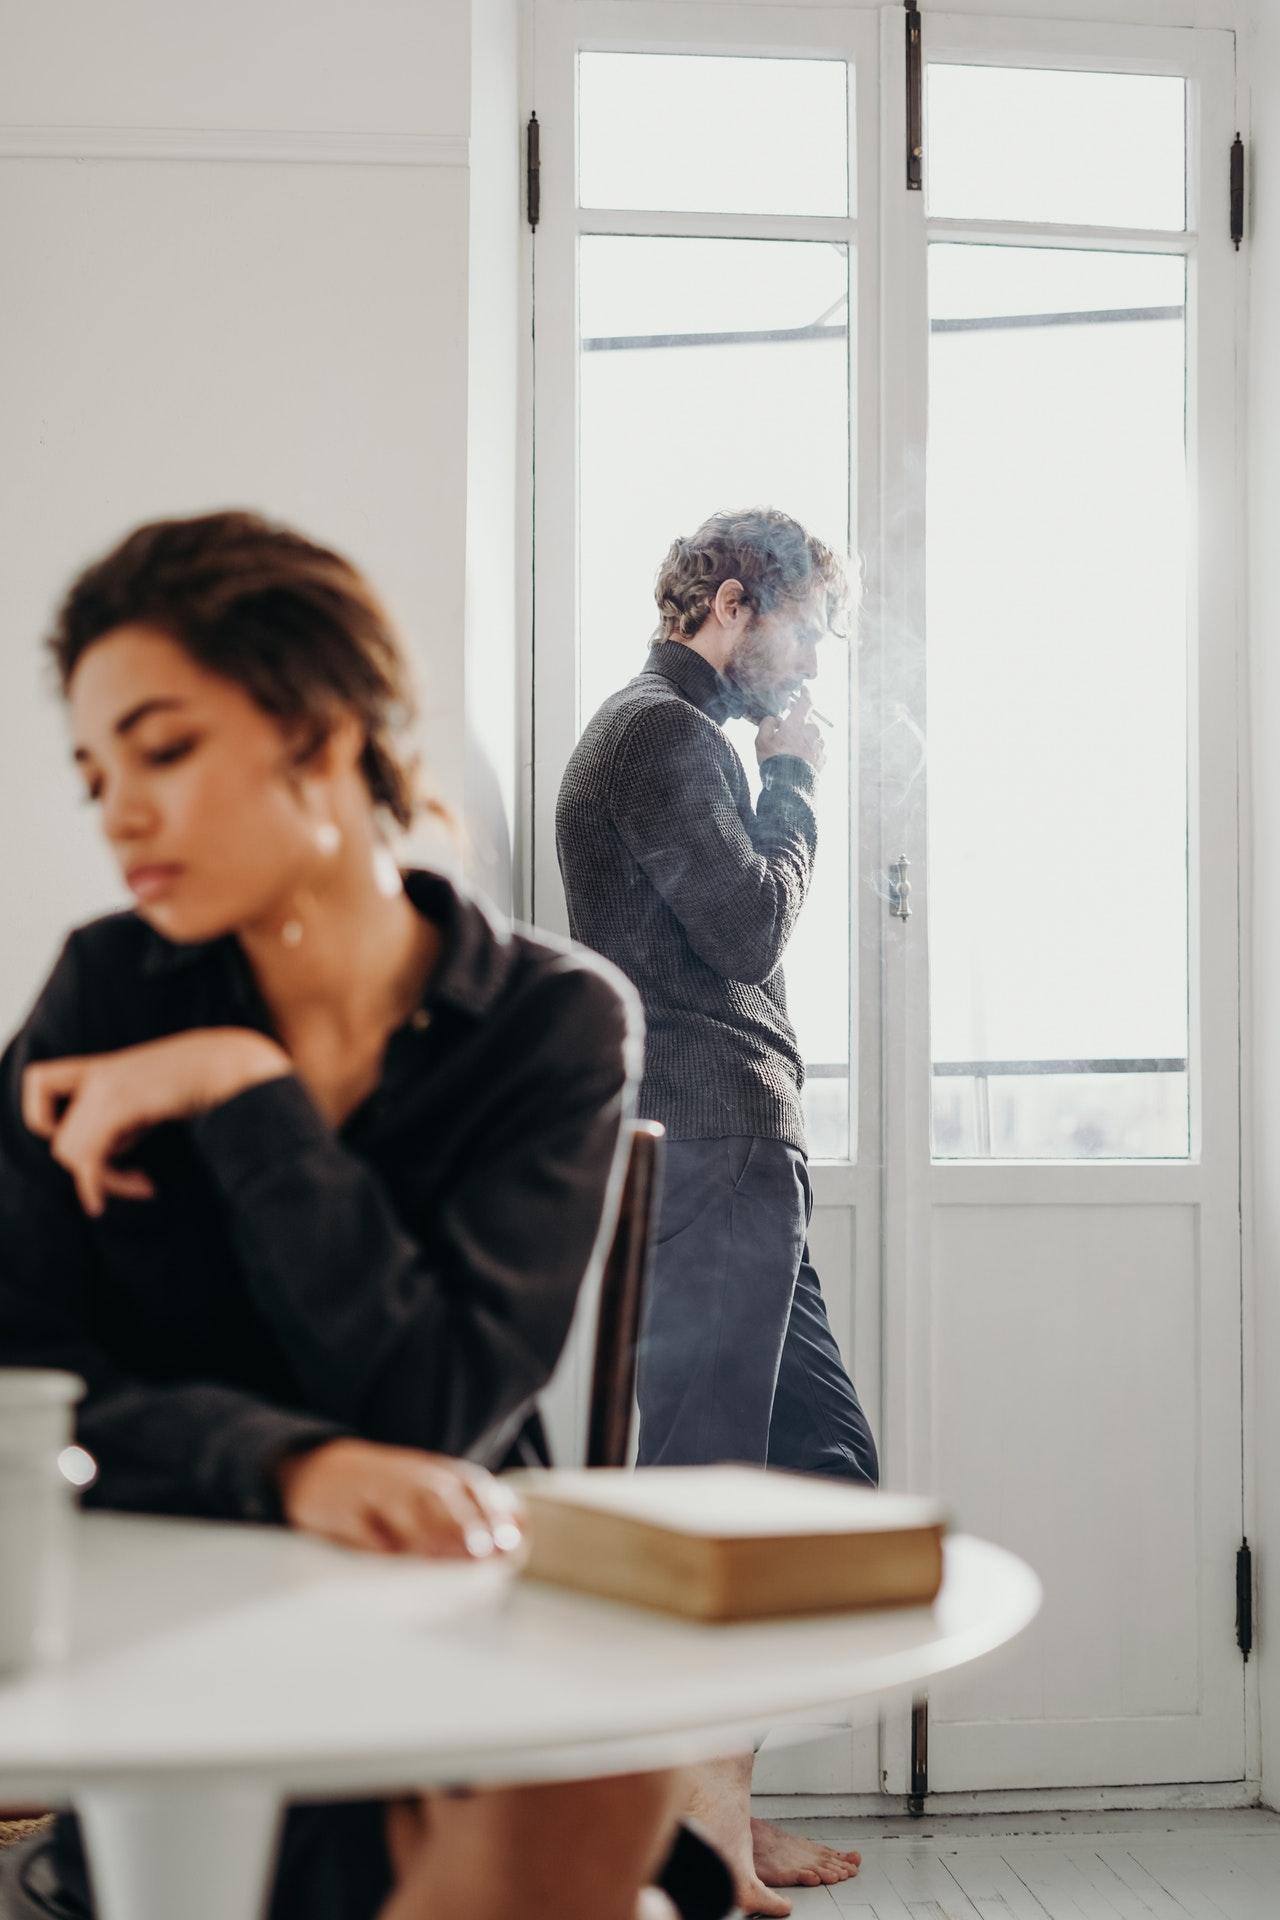 זוגיות רעילה, תמונה של בני זוג בשתיקה רועמת, משחקים תפקיד רעיל שלמדו בילדות